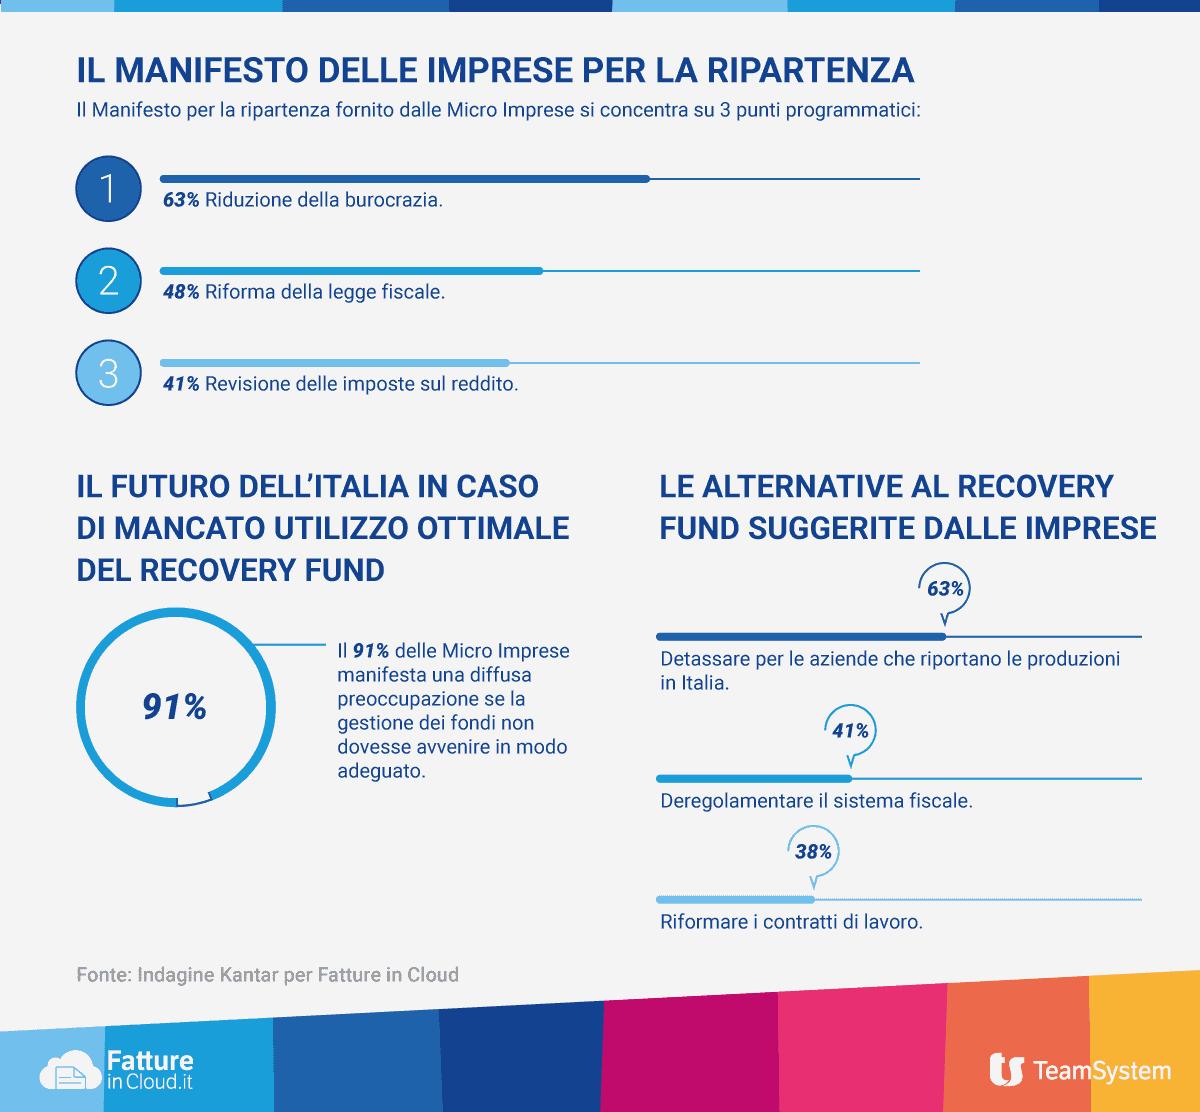 informareonline-digitalizzazione-e-burocrazia-piu-snella-la-ricetta-delle-microimprese-per-la-ripresa